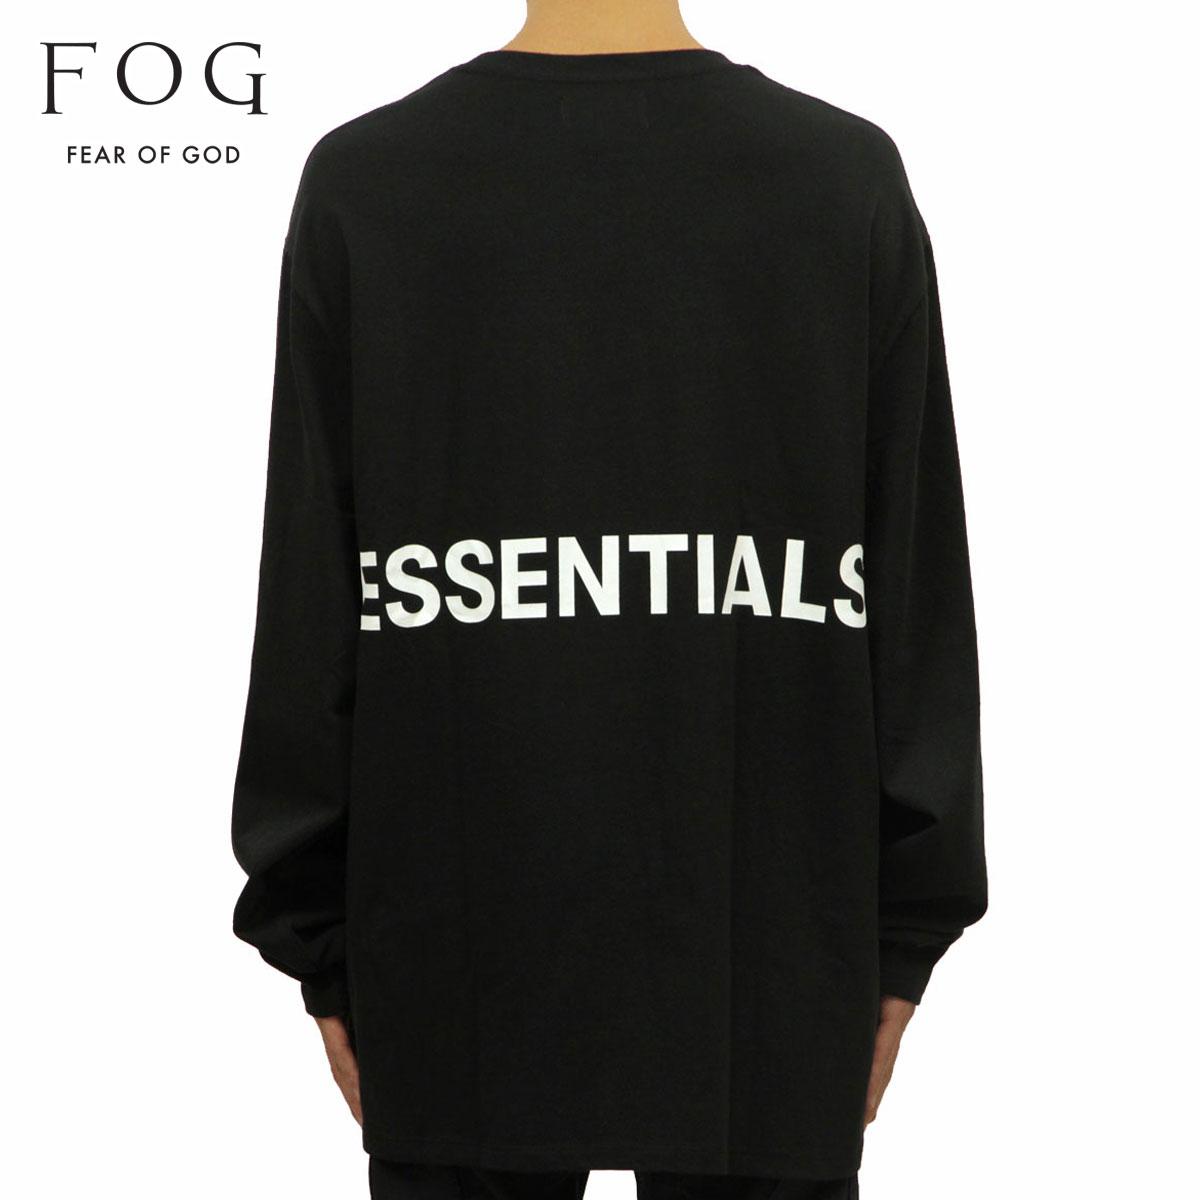 フィアオブゴッド FEAR OF GOD 正規品 メンズ 長袖Tシャツ FOG - FEAR OF GOD ESSENTIALS BOXY GRAPHIC LONG SLEEVE T-SHIRT BLACK